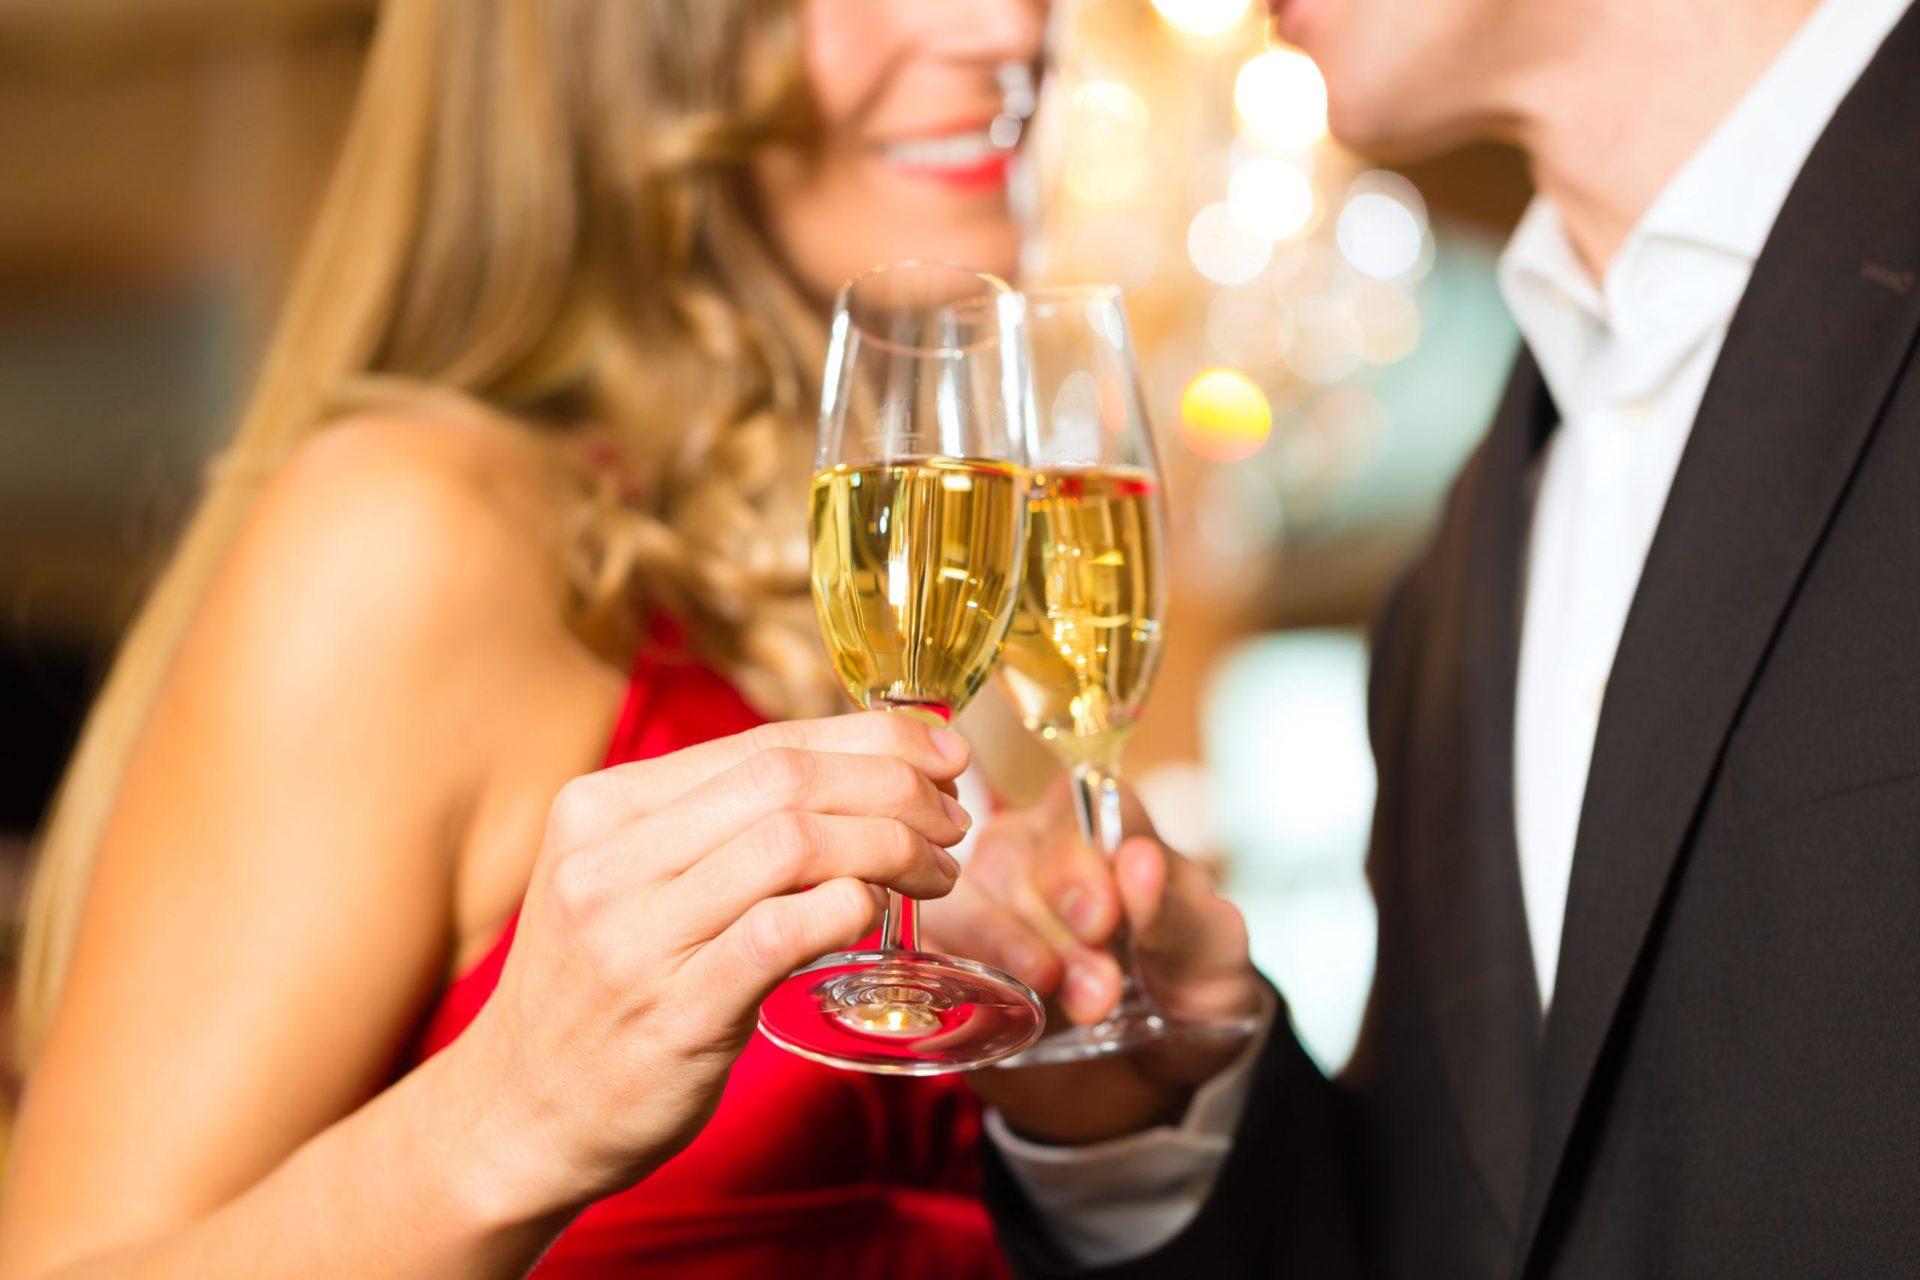 Eine blonde Dame stößt mit einem Callboy bei einem Sektglas an. Beide sind festlich gekleidet